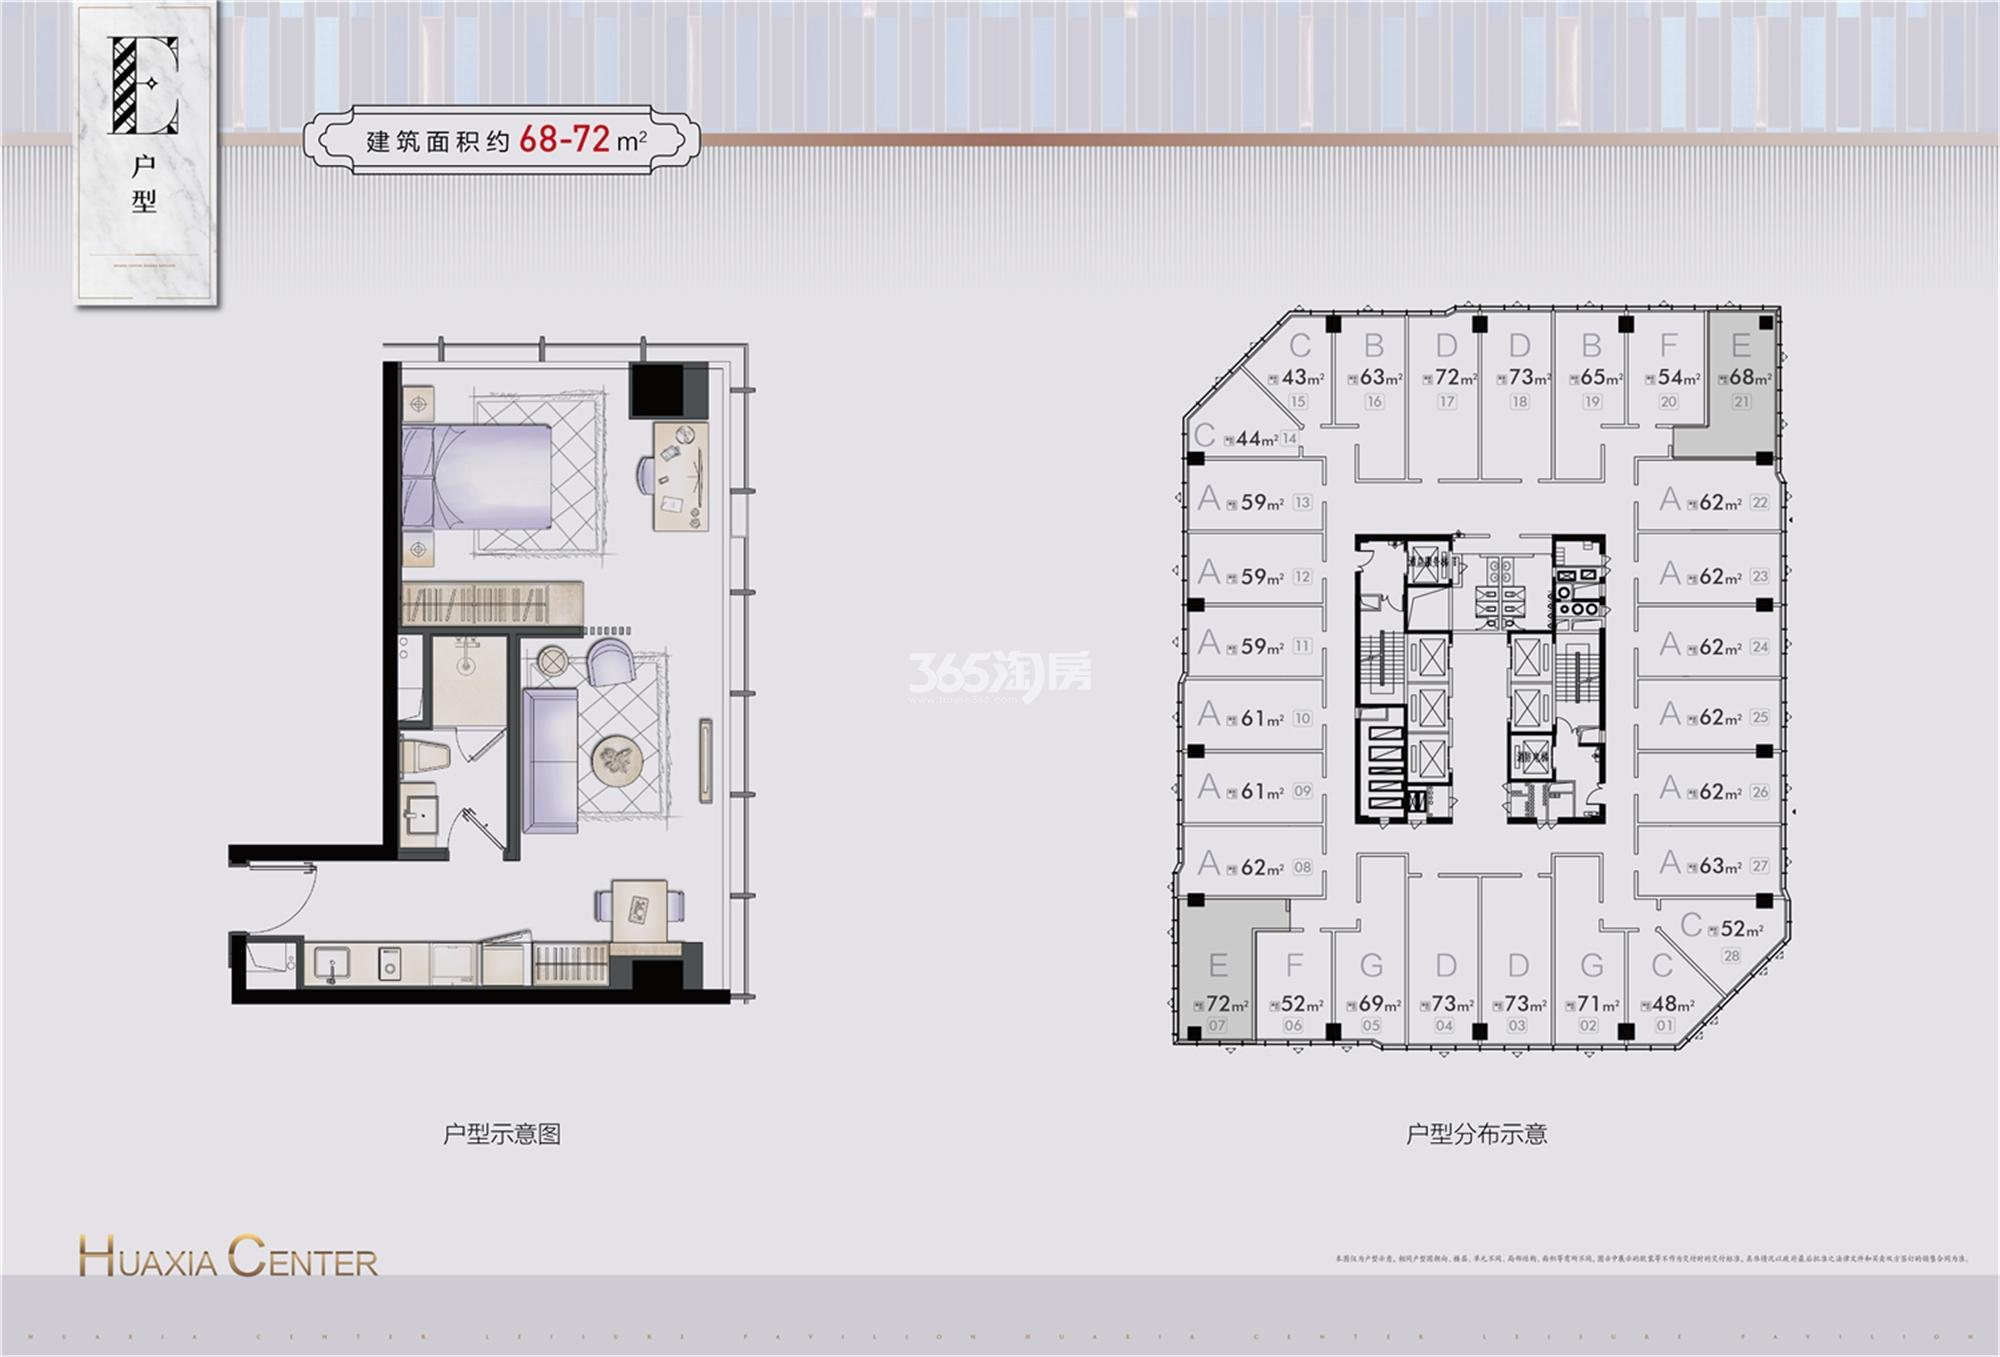 华夏之心公寓E户型 约68-72㎡